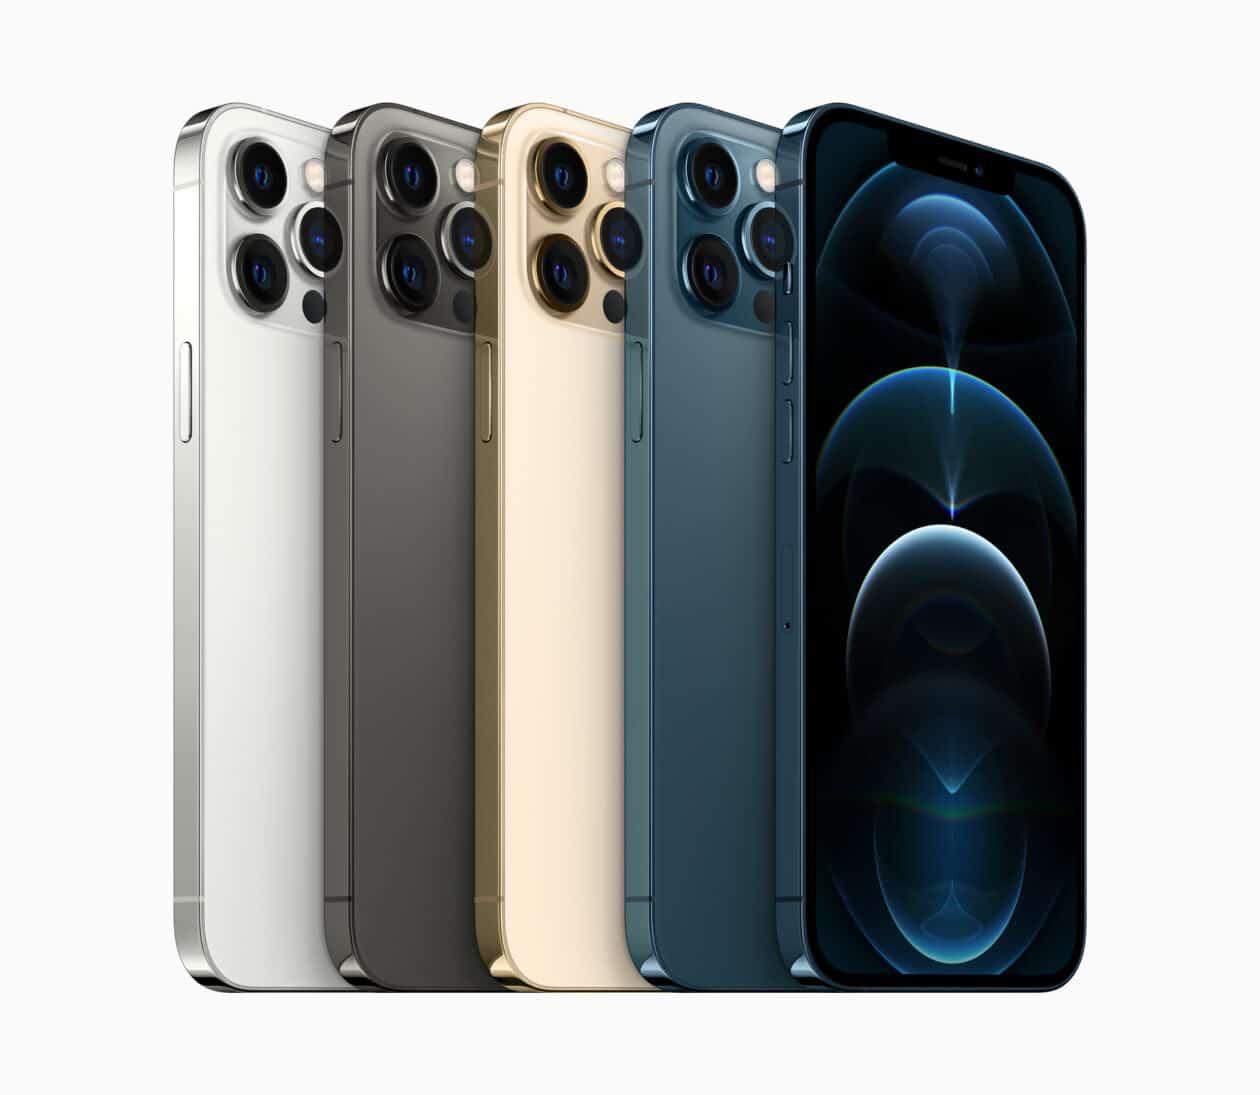 Todas as cores do iPhone 12 Pro Max de lado, inclinados